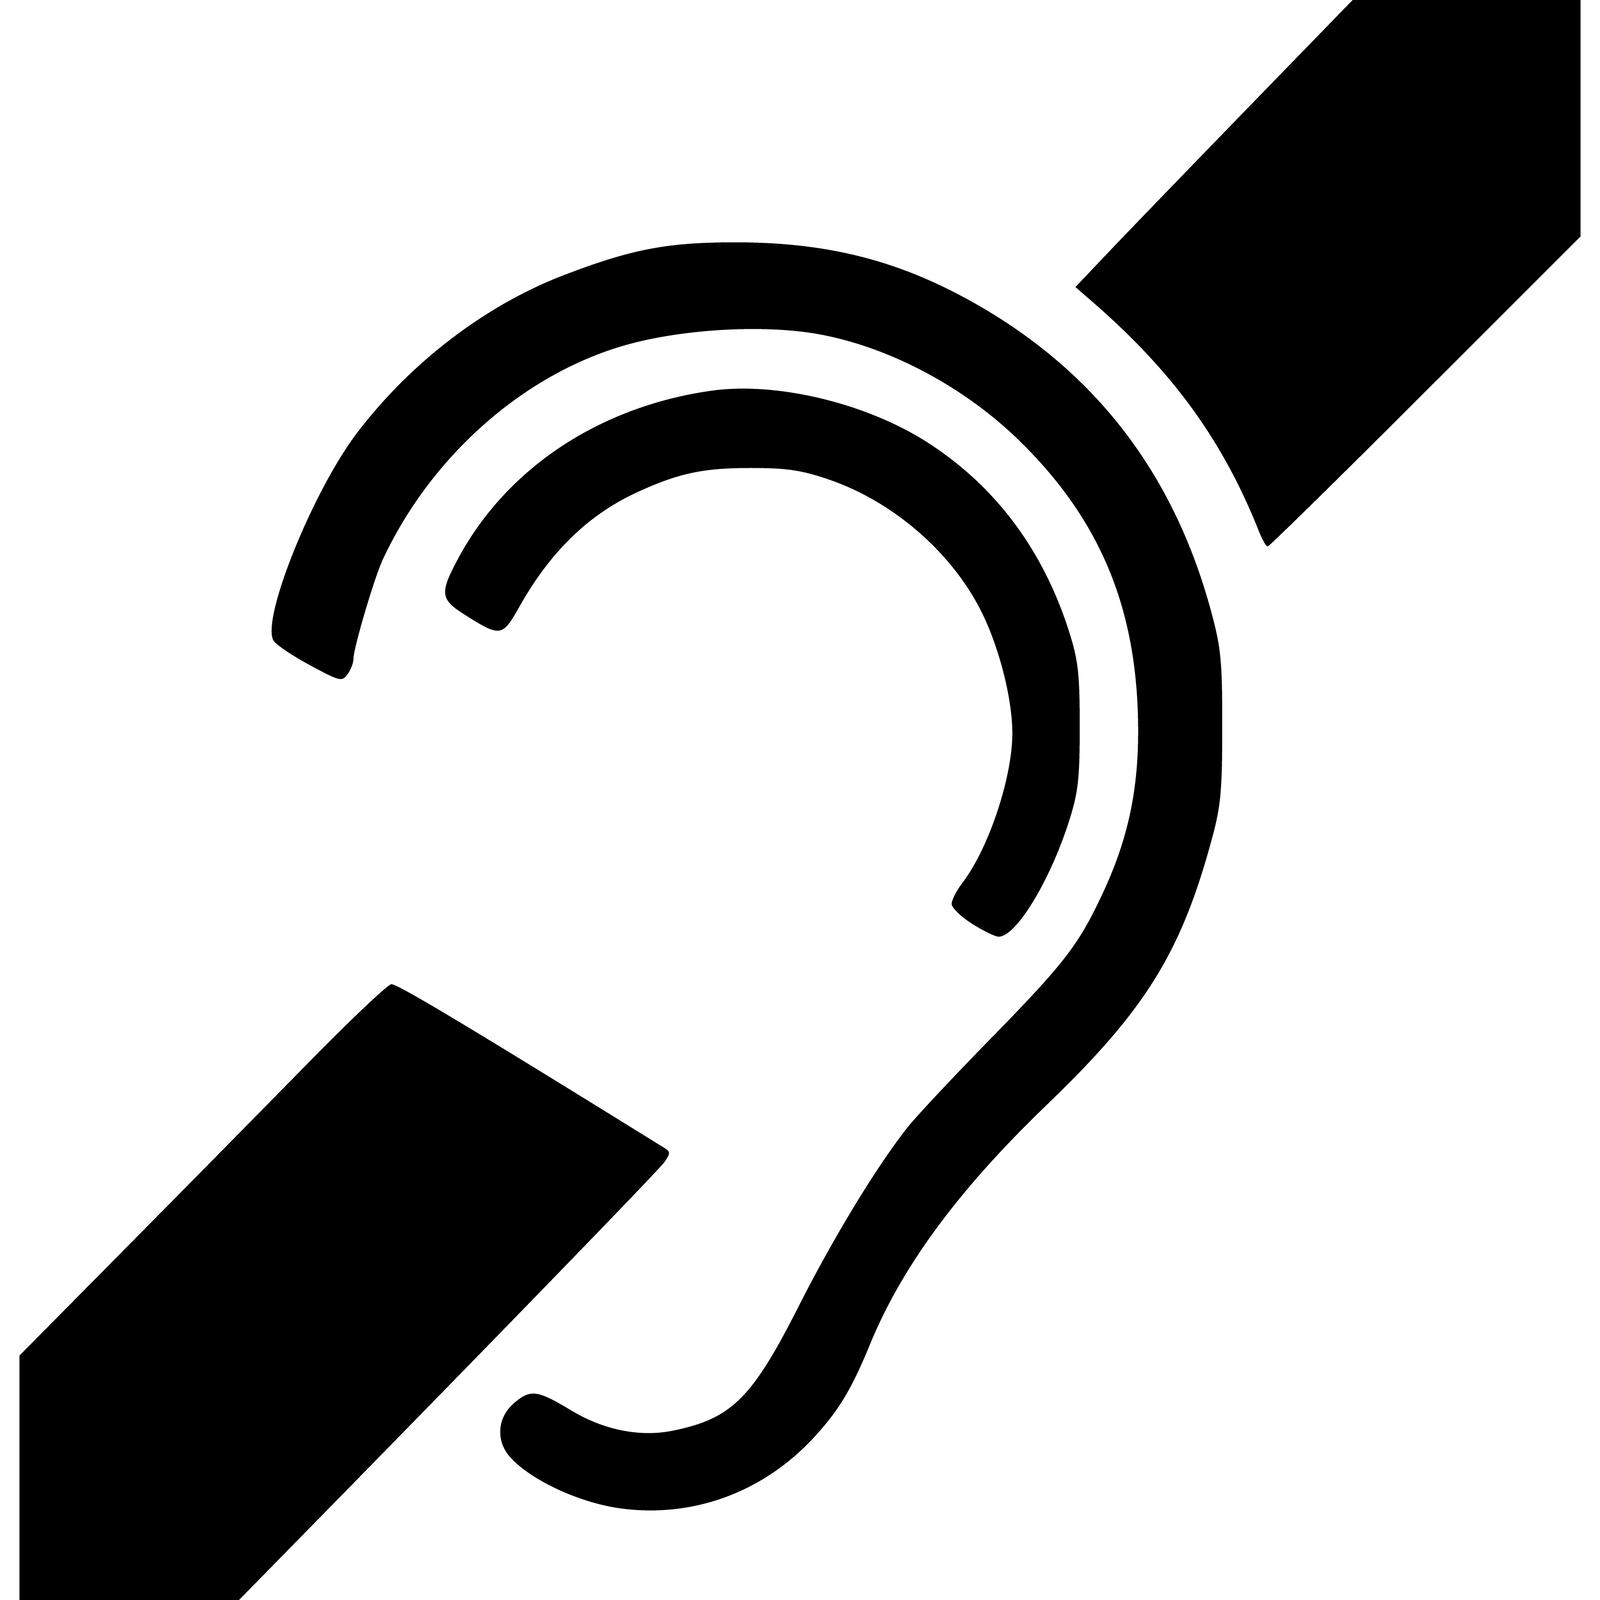 Piktogram - niesłyszący